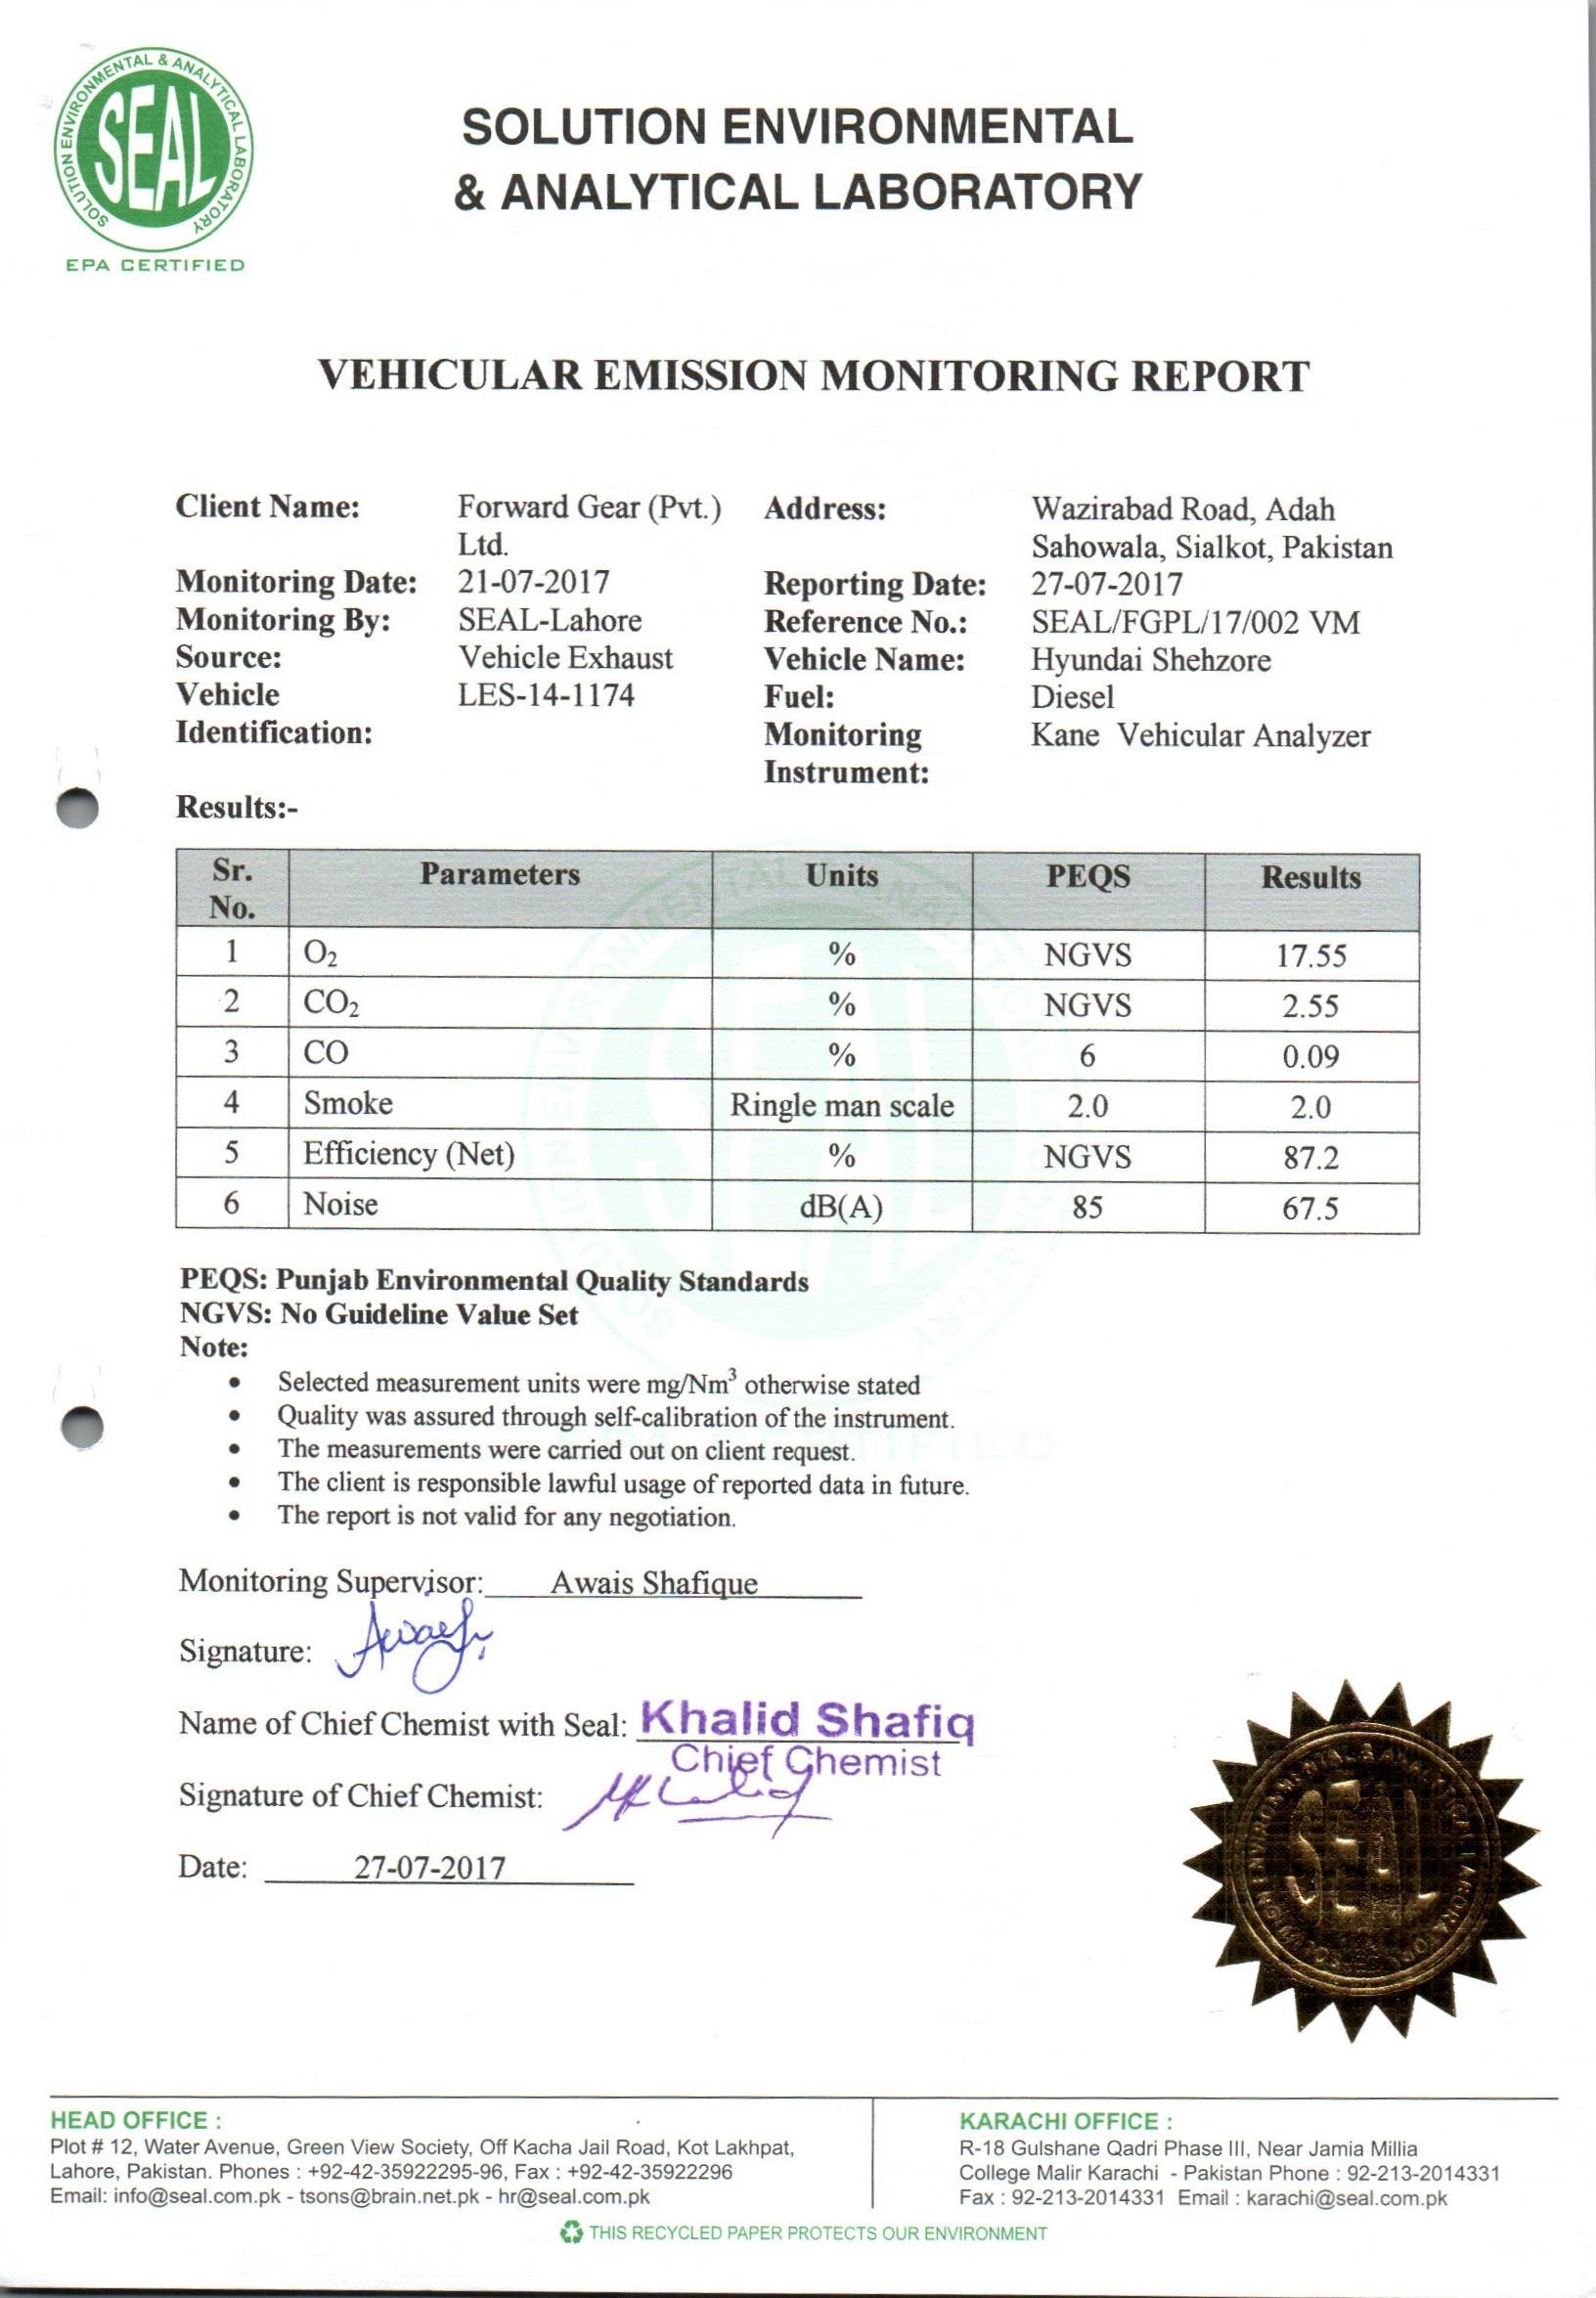 Vehicular Exhaust